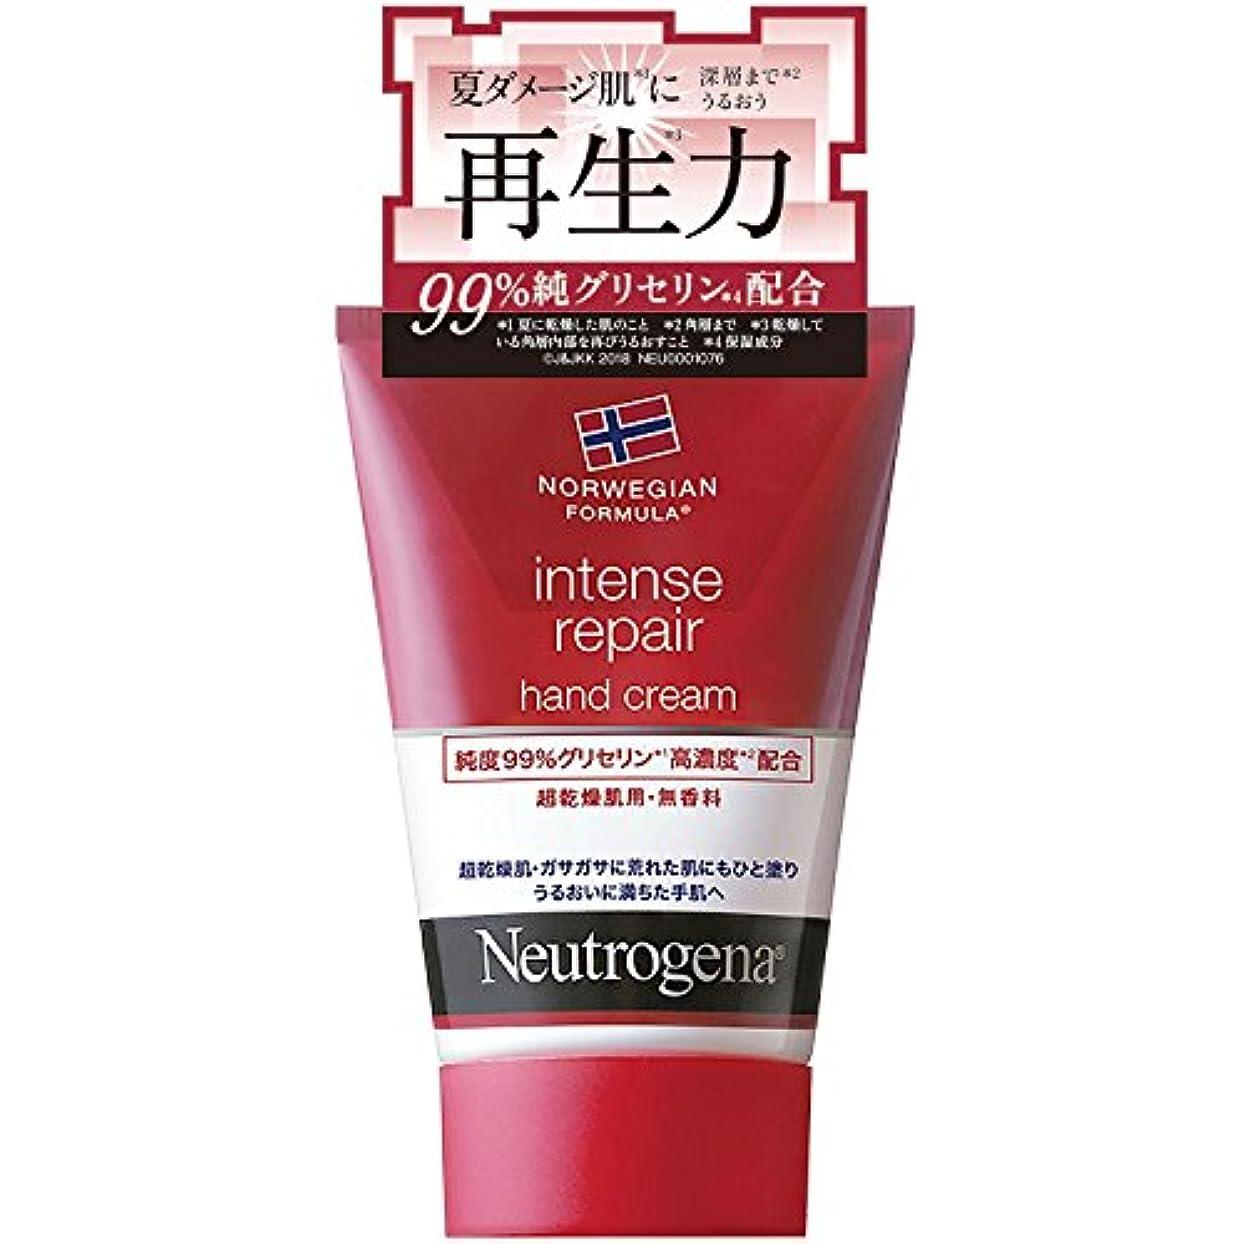 誰でもセミナー荒廃するNeutrogena(ニュートロジーナ) ノルウェーフォーミュラ インテンスリペア ハンドクリーム 超乾燥肌用 無香料 単品 50g